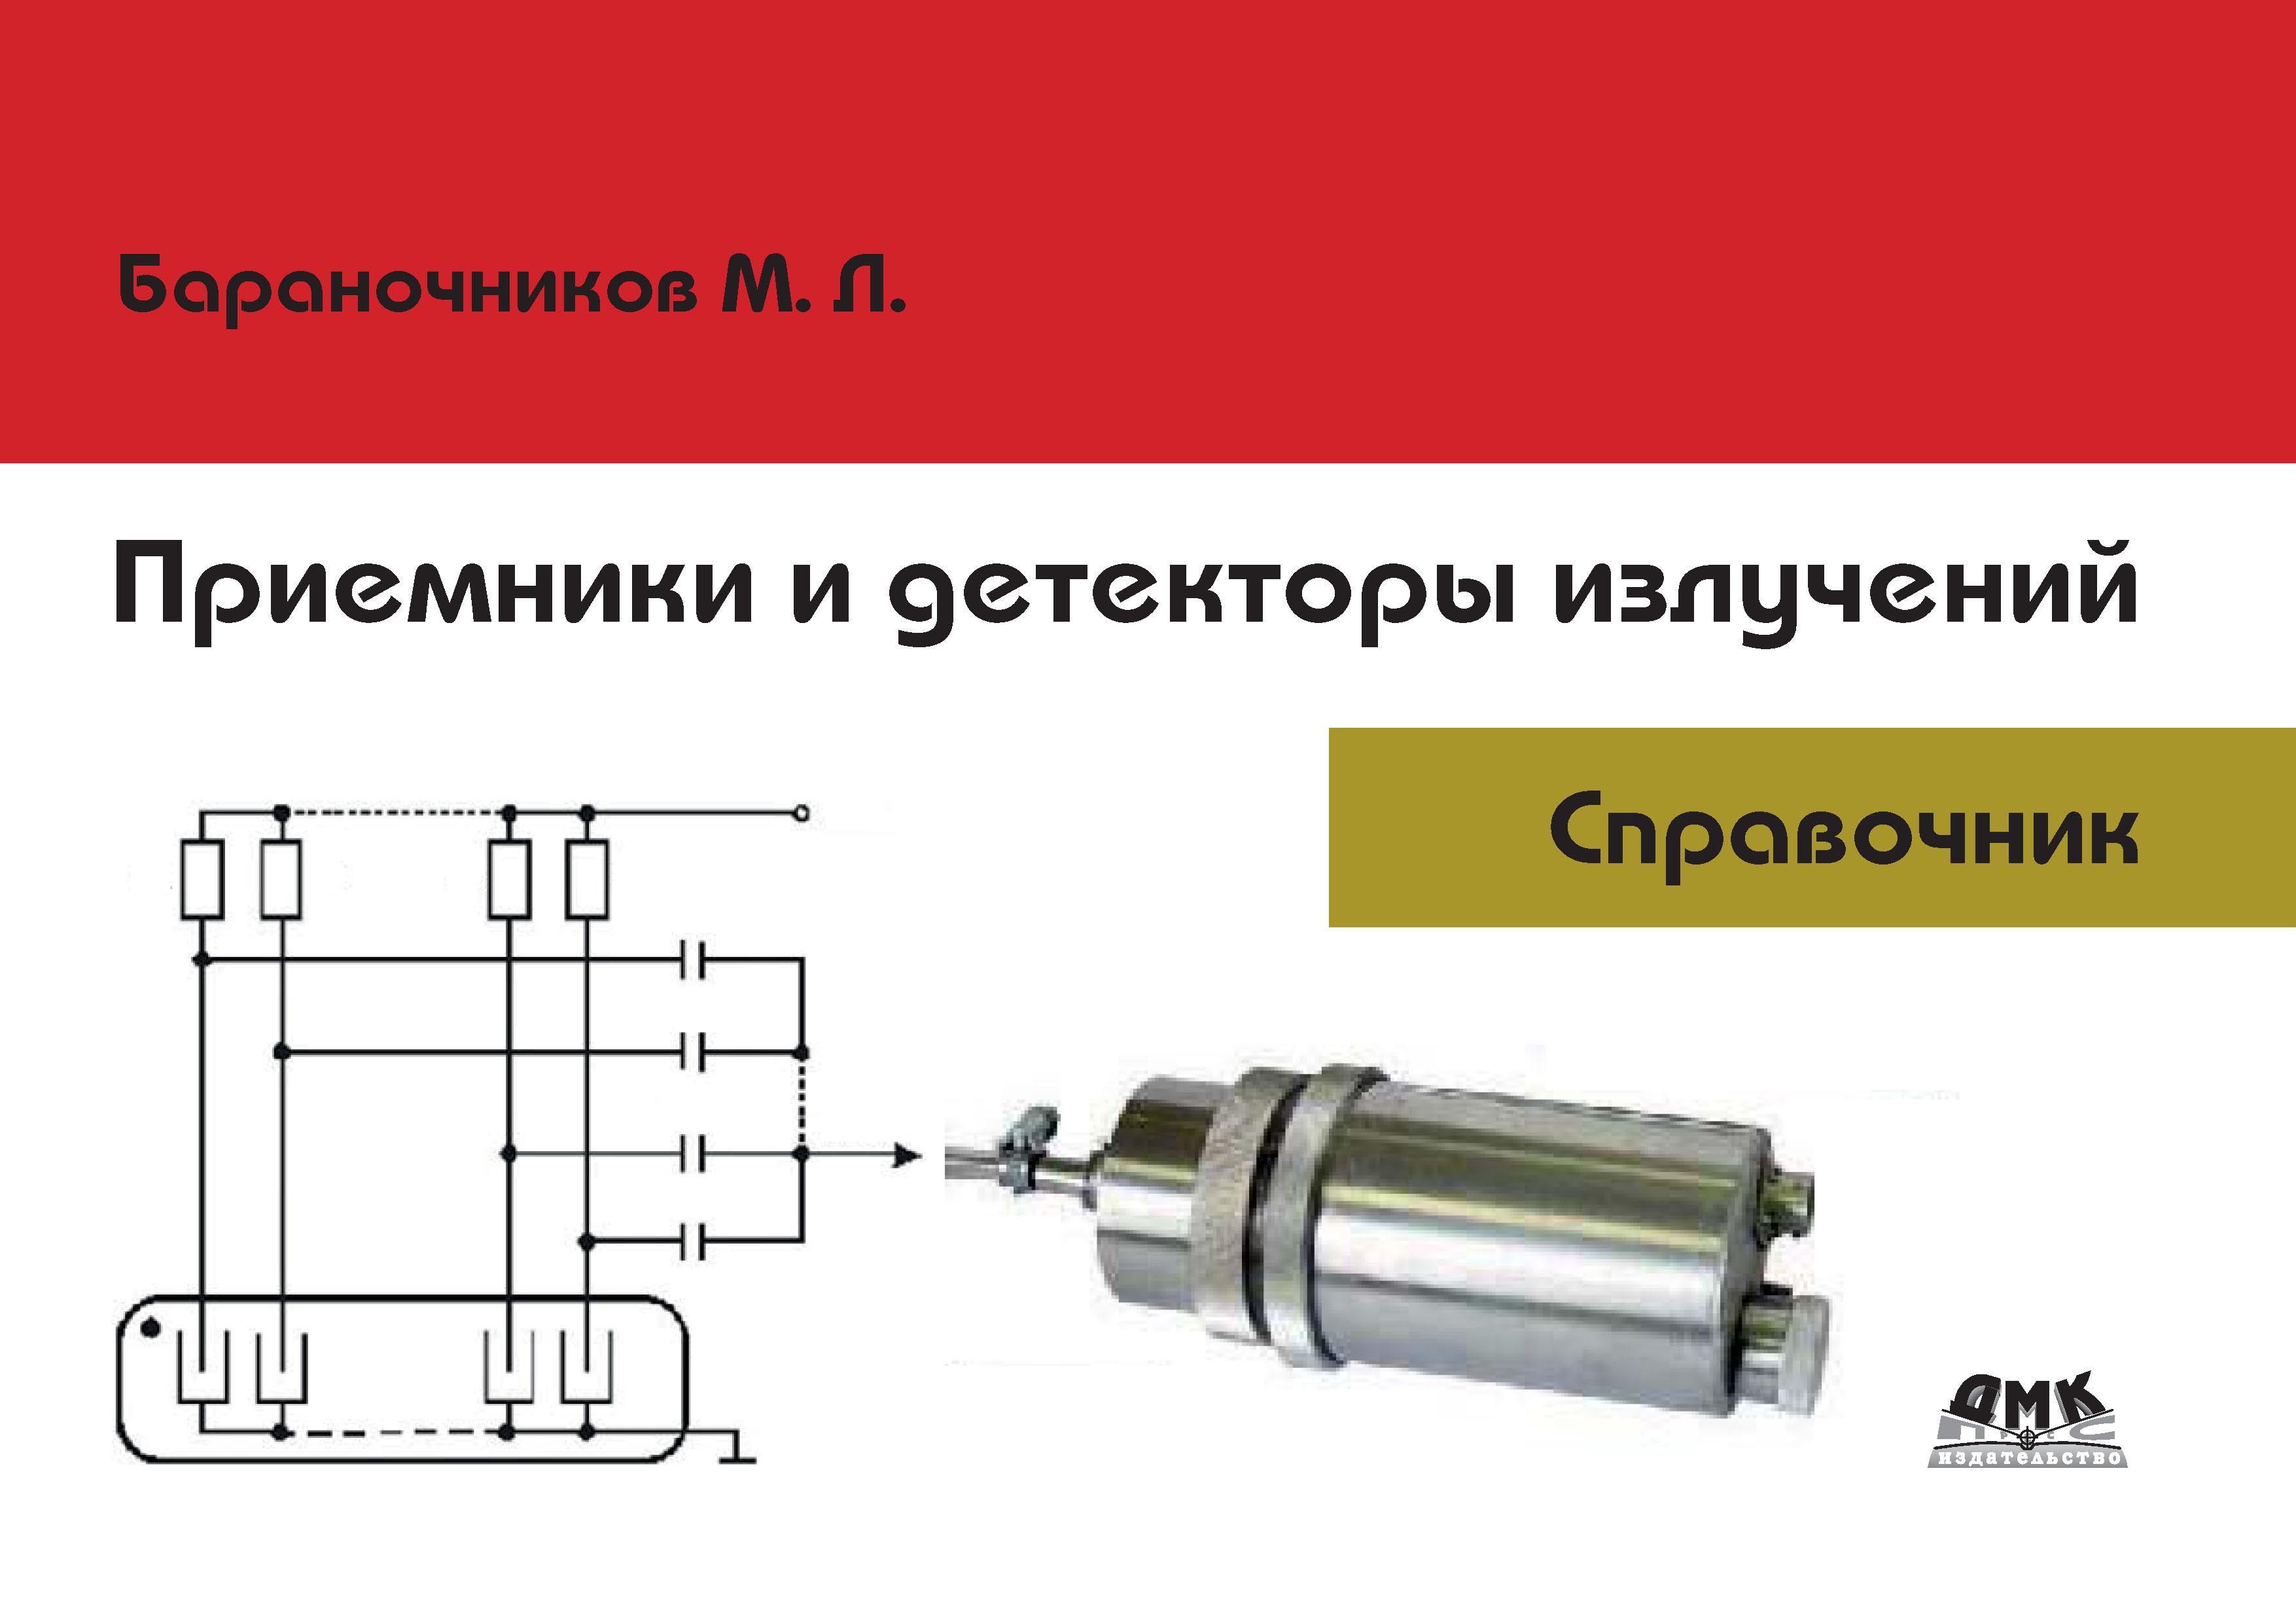 Приемники и детекторы излучений. Справочник